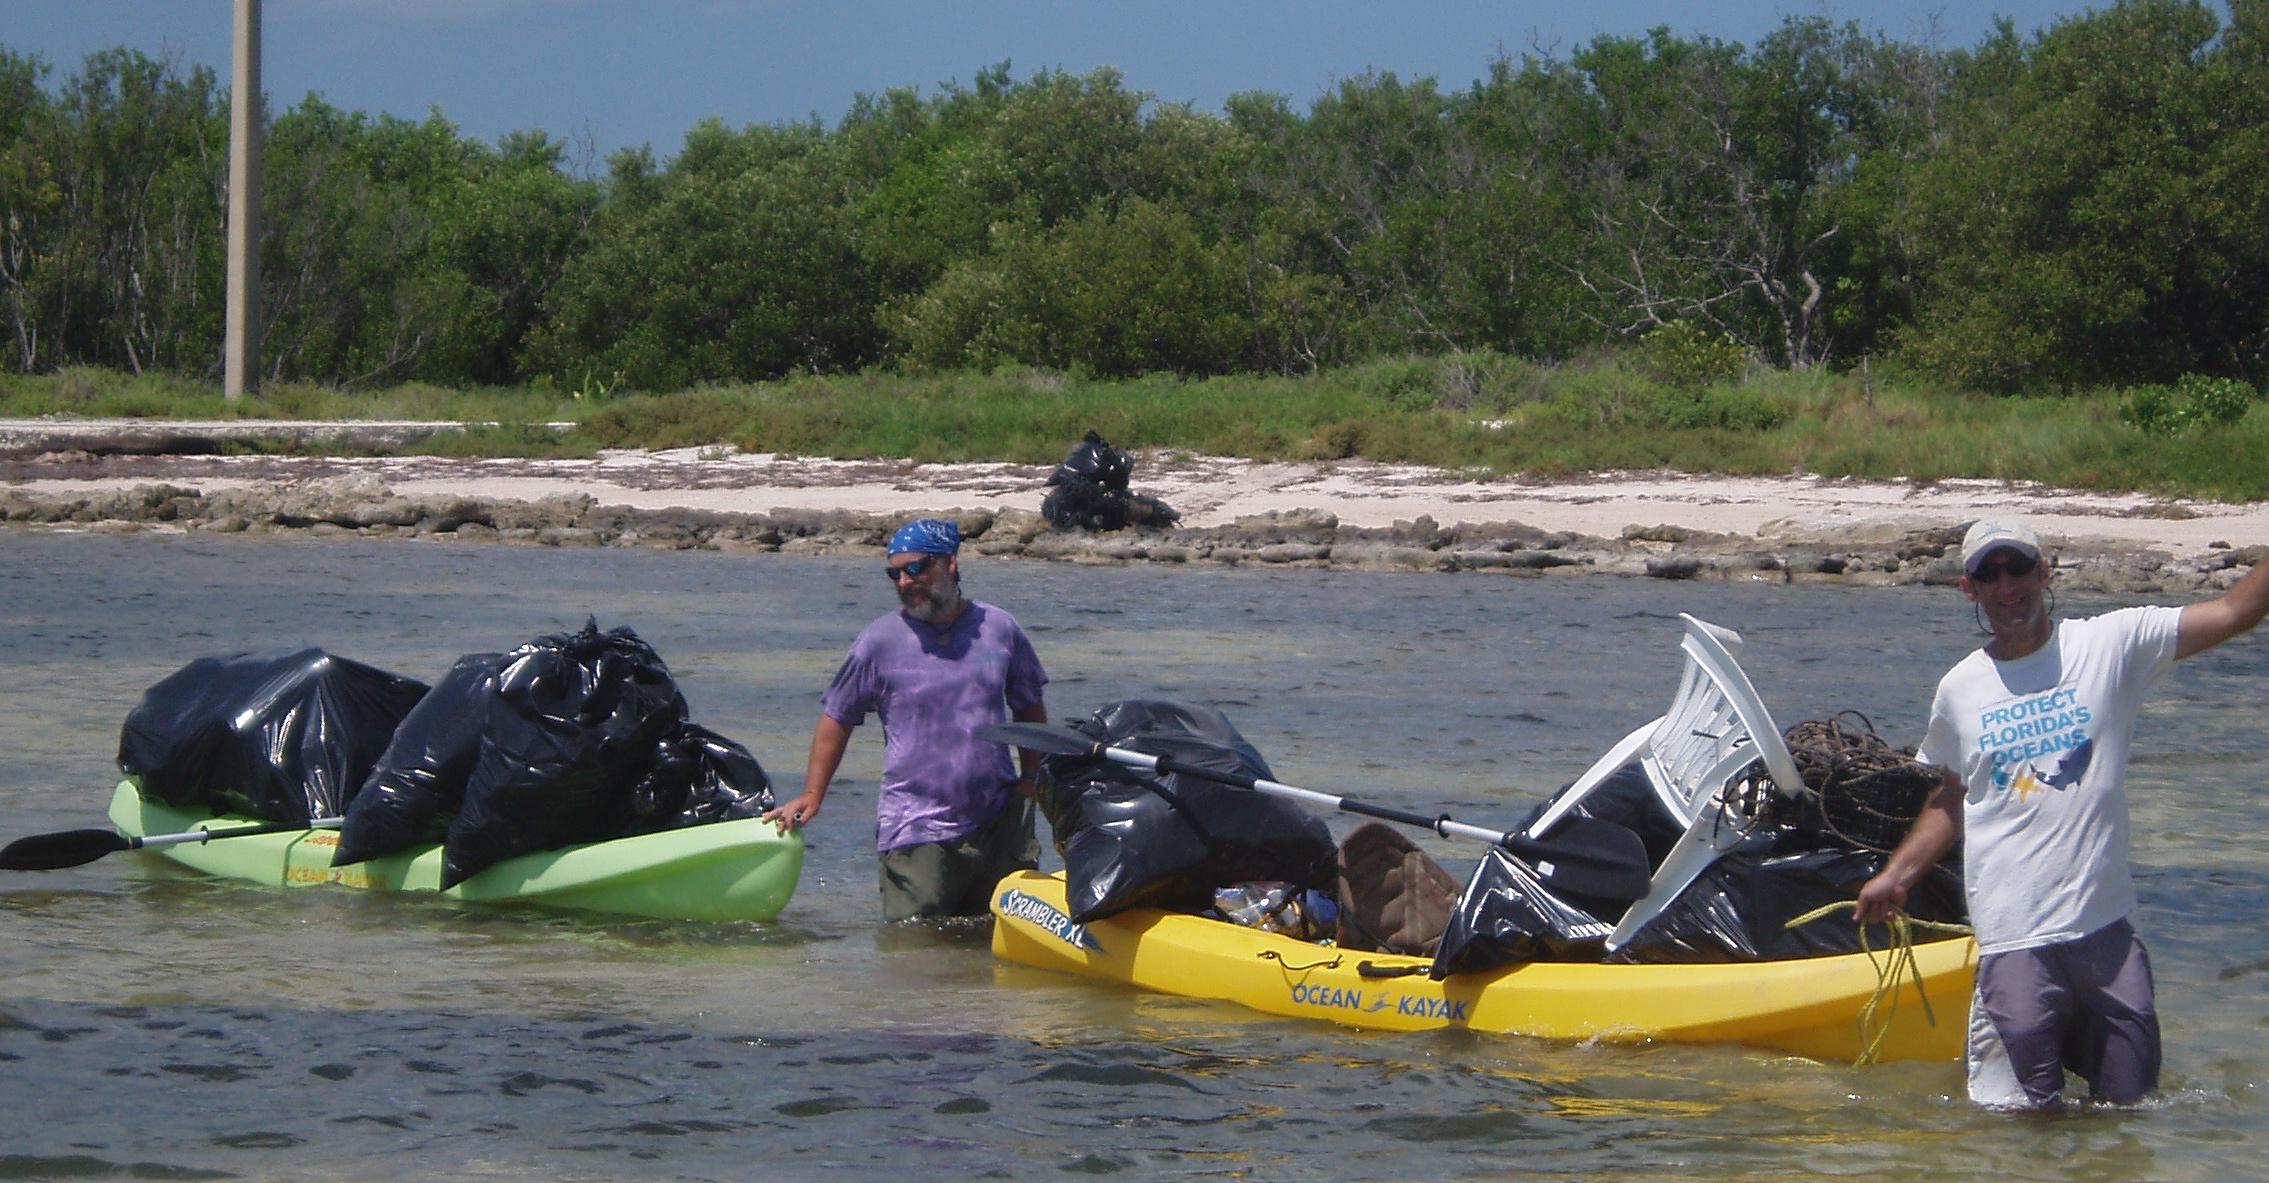 Team OCEAN volunteers